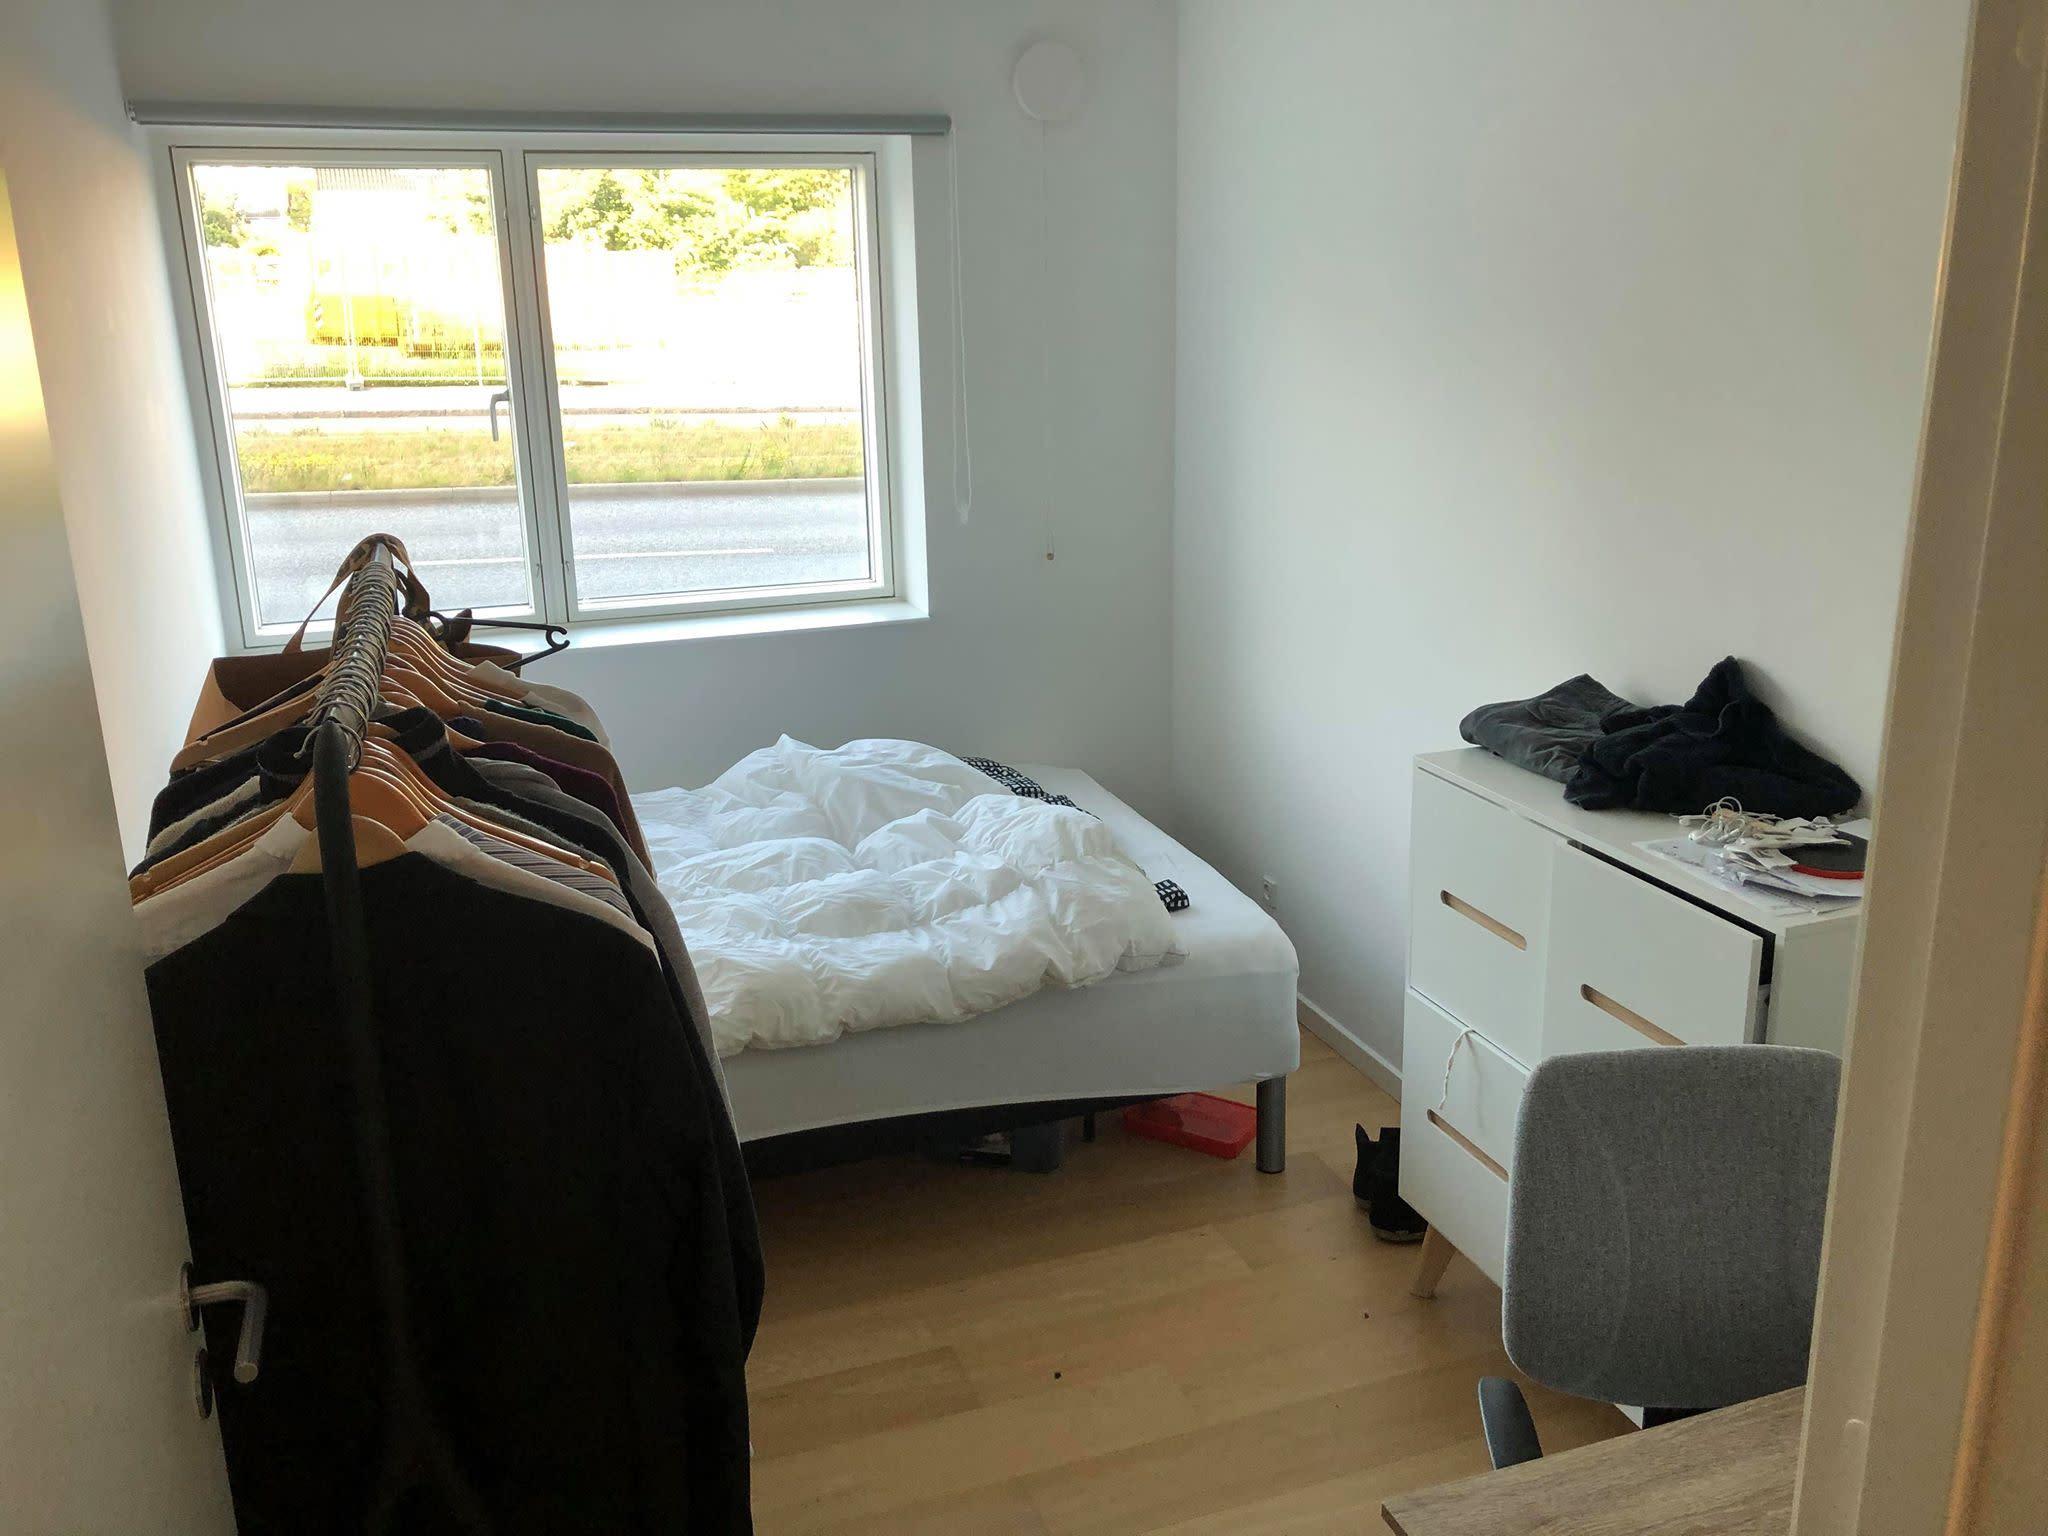 Ledig værelse i ny 3-værelses lejlighed på 69 kvm!